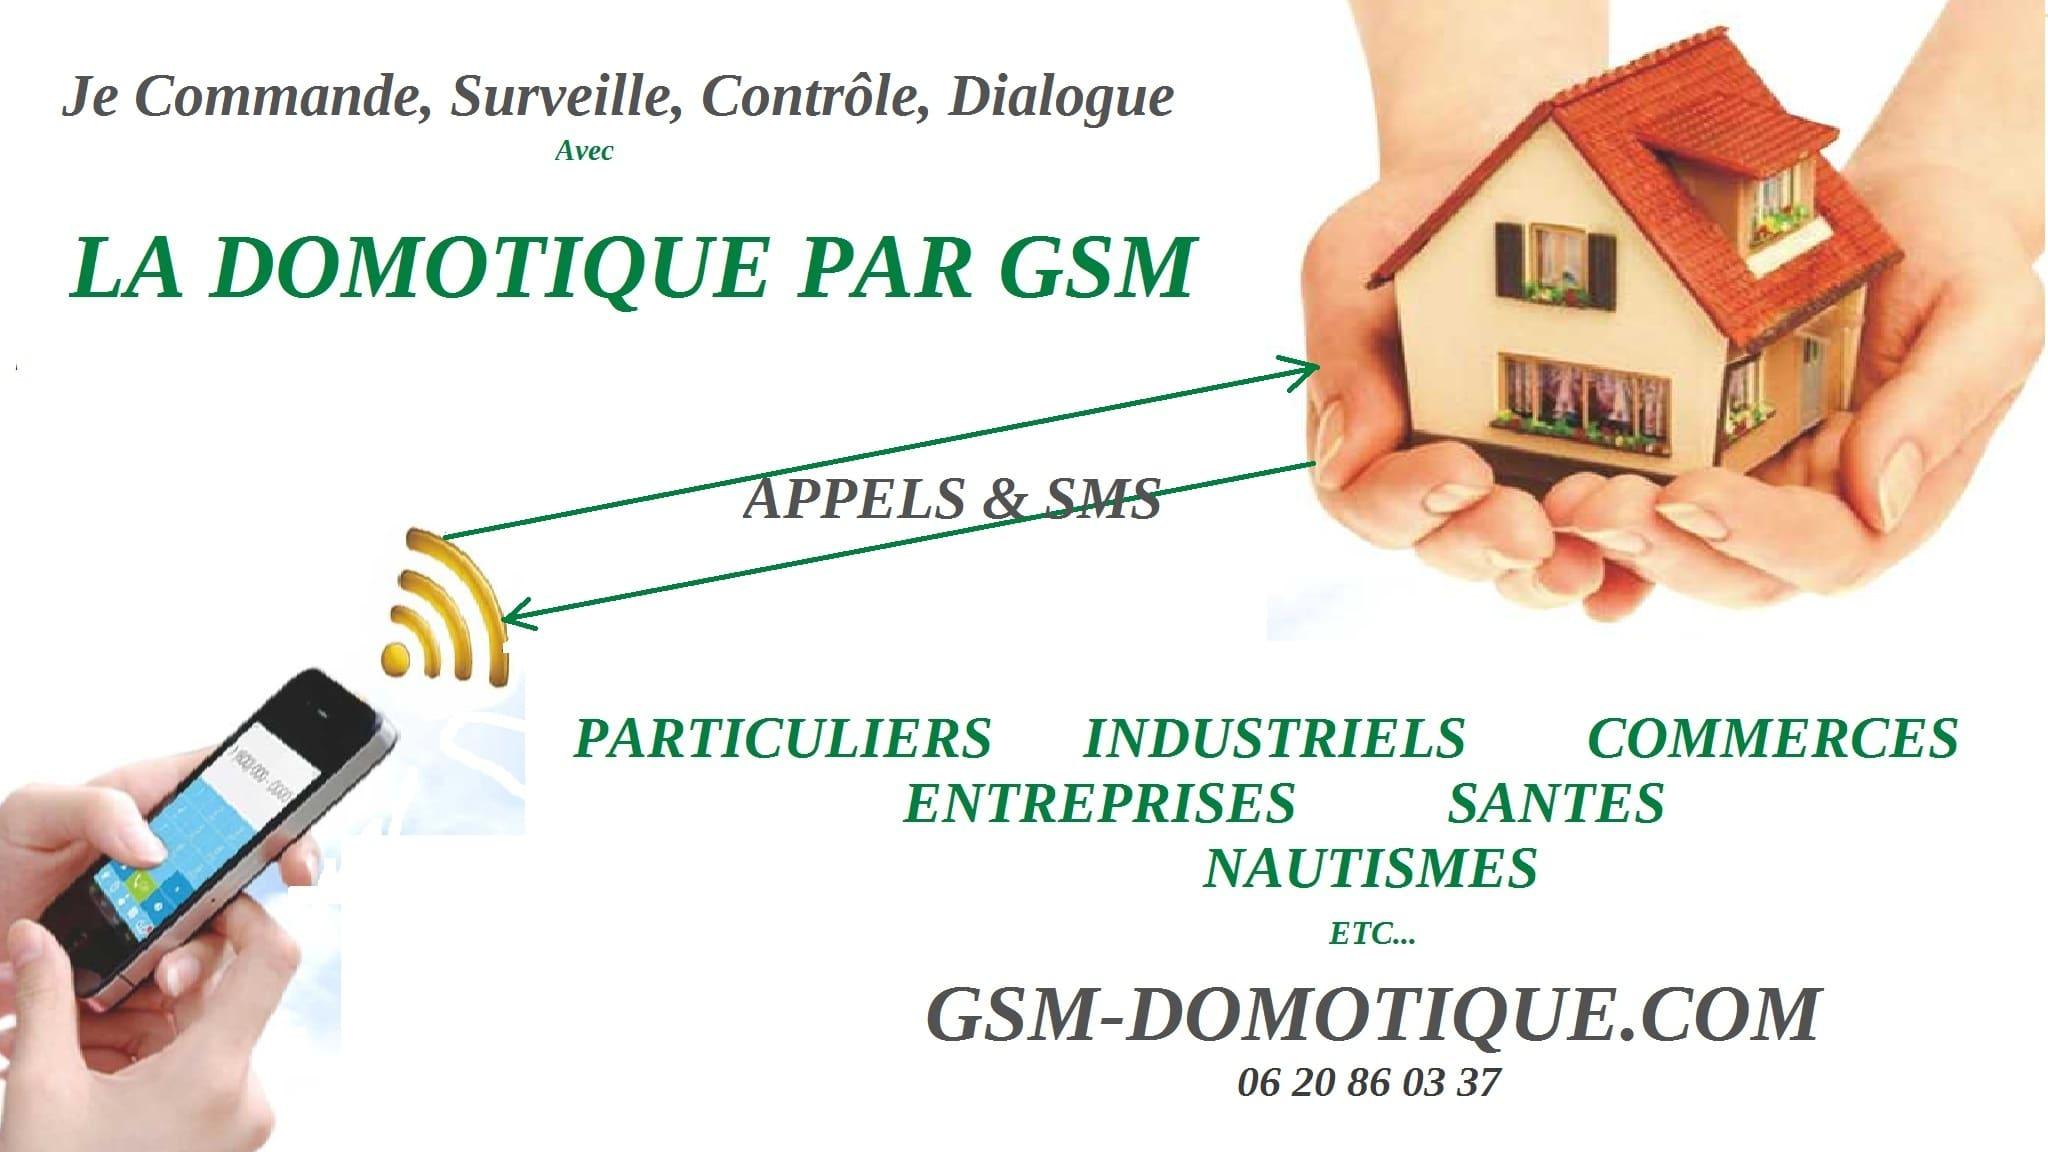 domotique par GSM